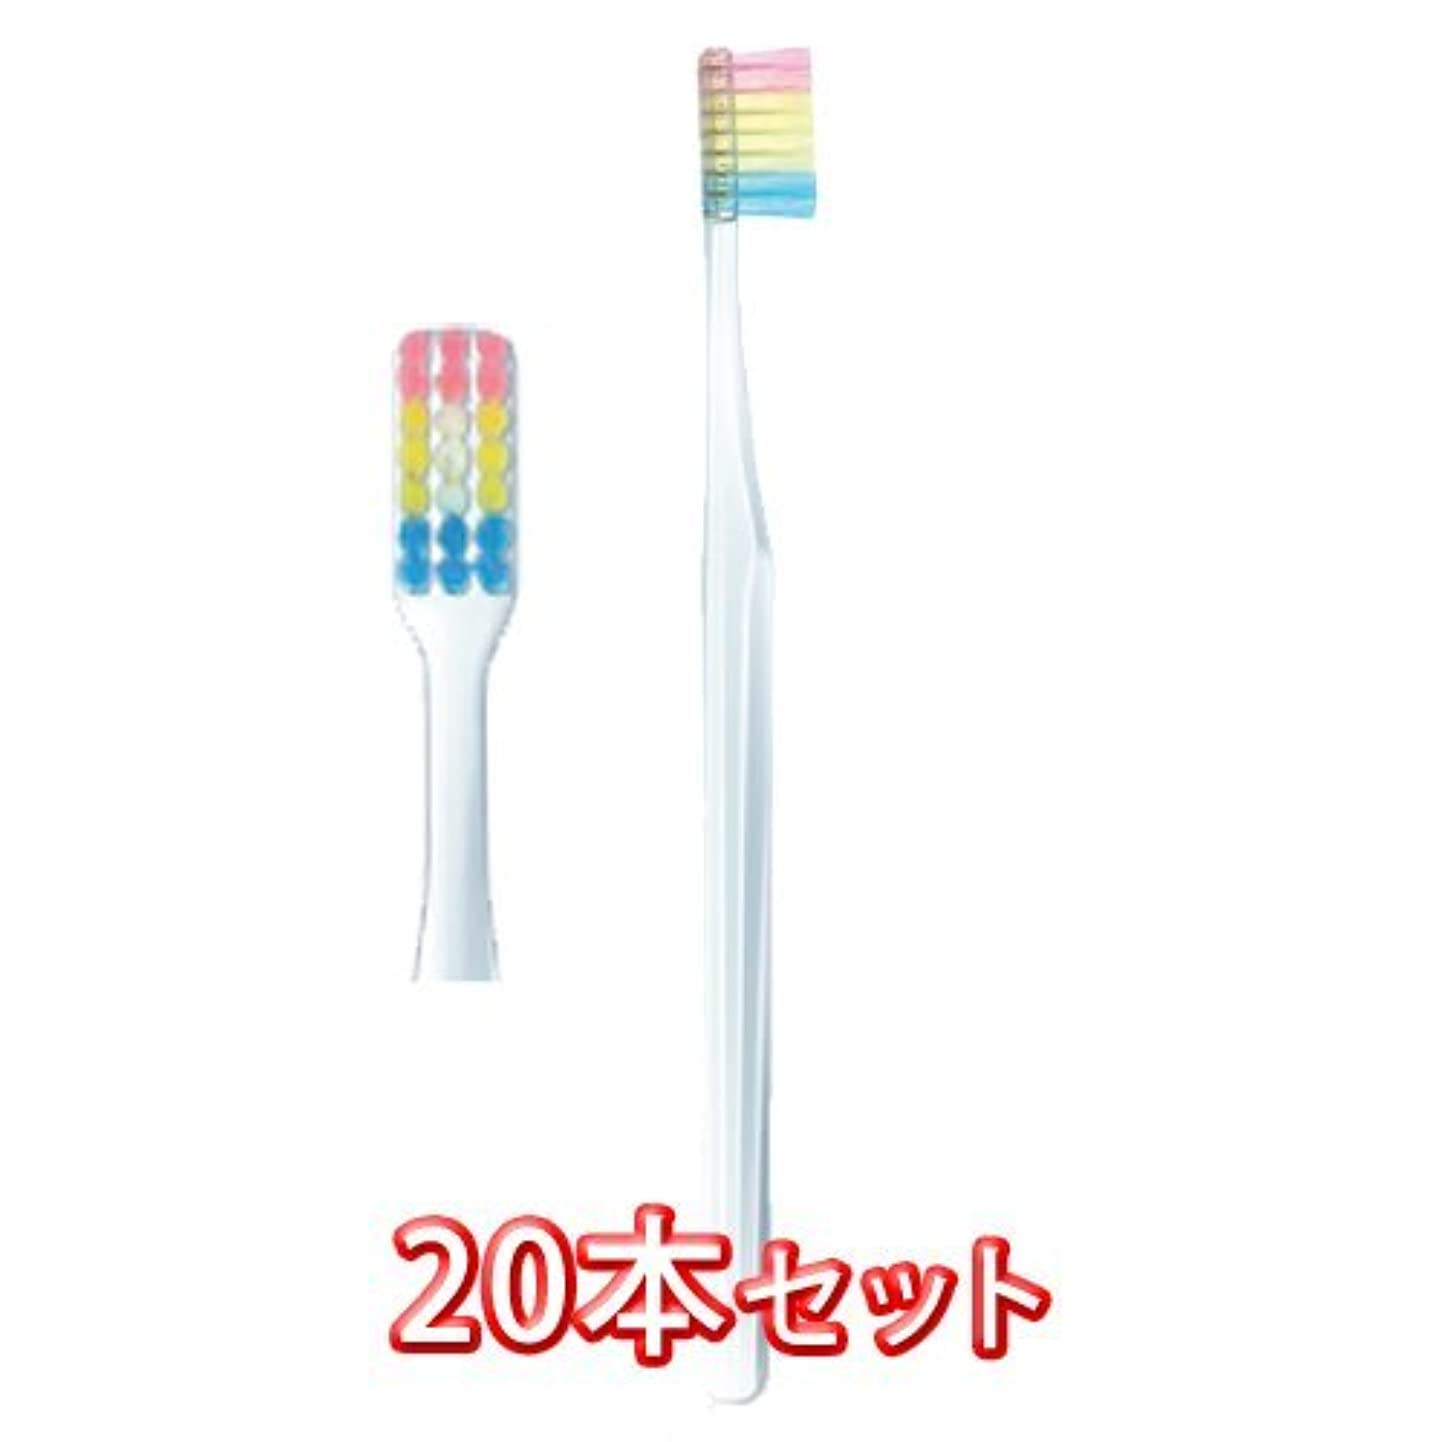 ハリケーン令状革新プロスペック 歯ブラシ ヤング 20本入 フォーレッスン 毛の硬さふつう